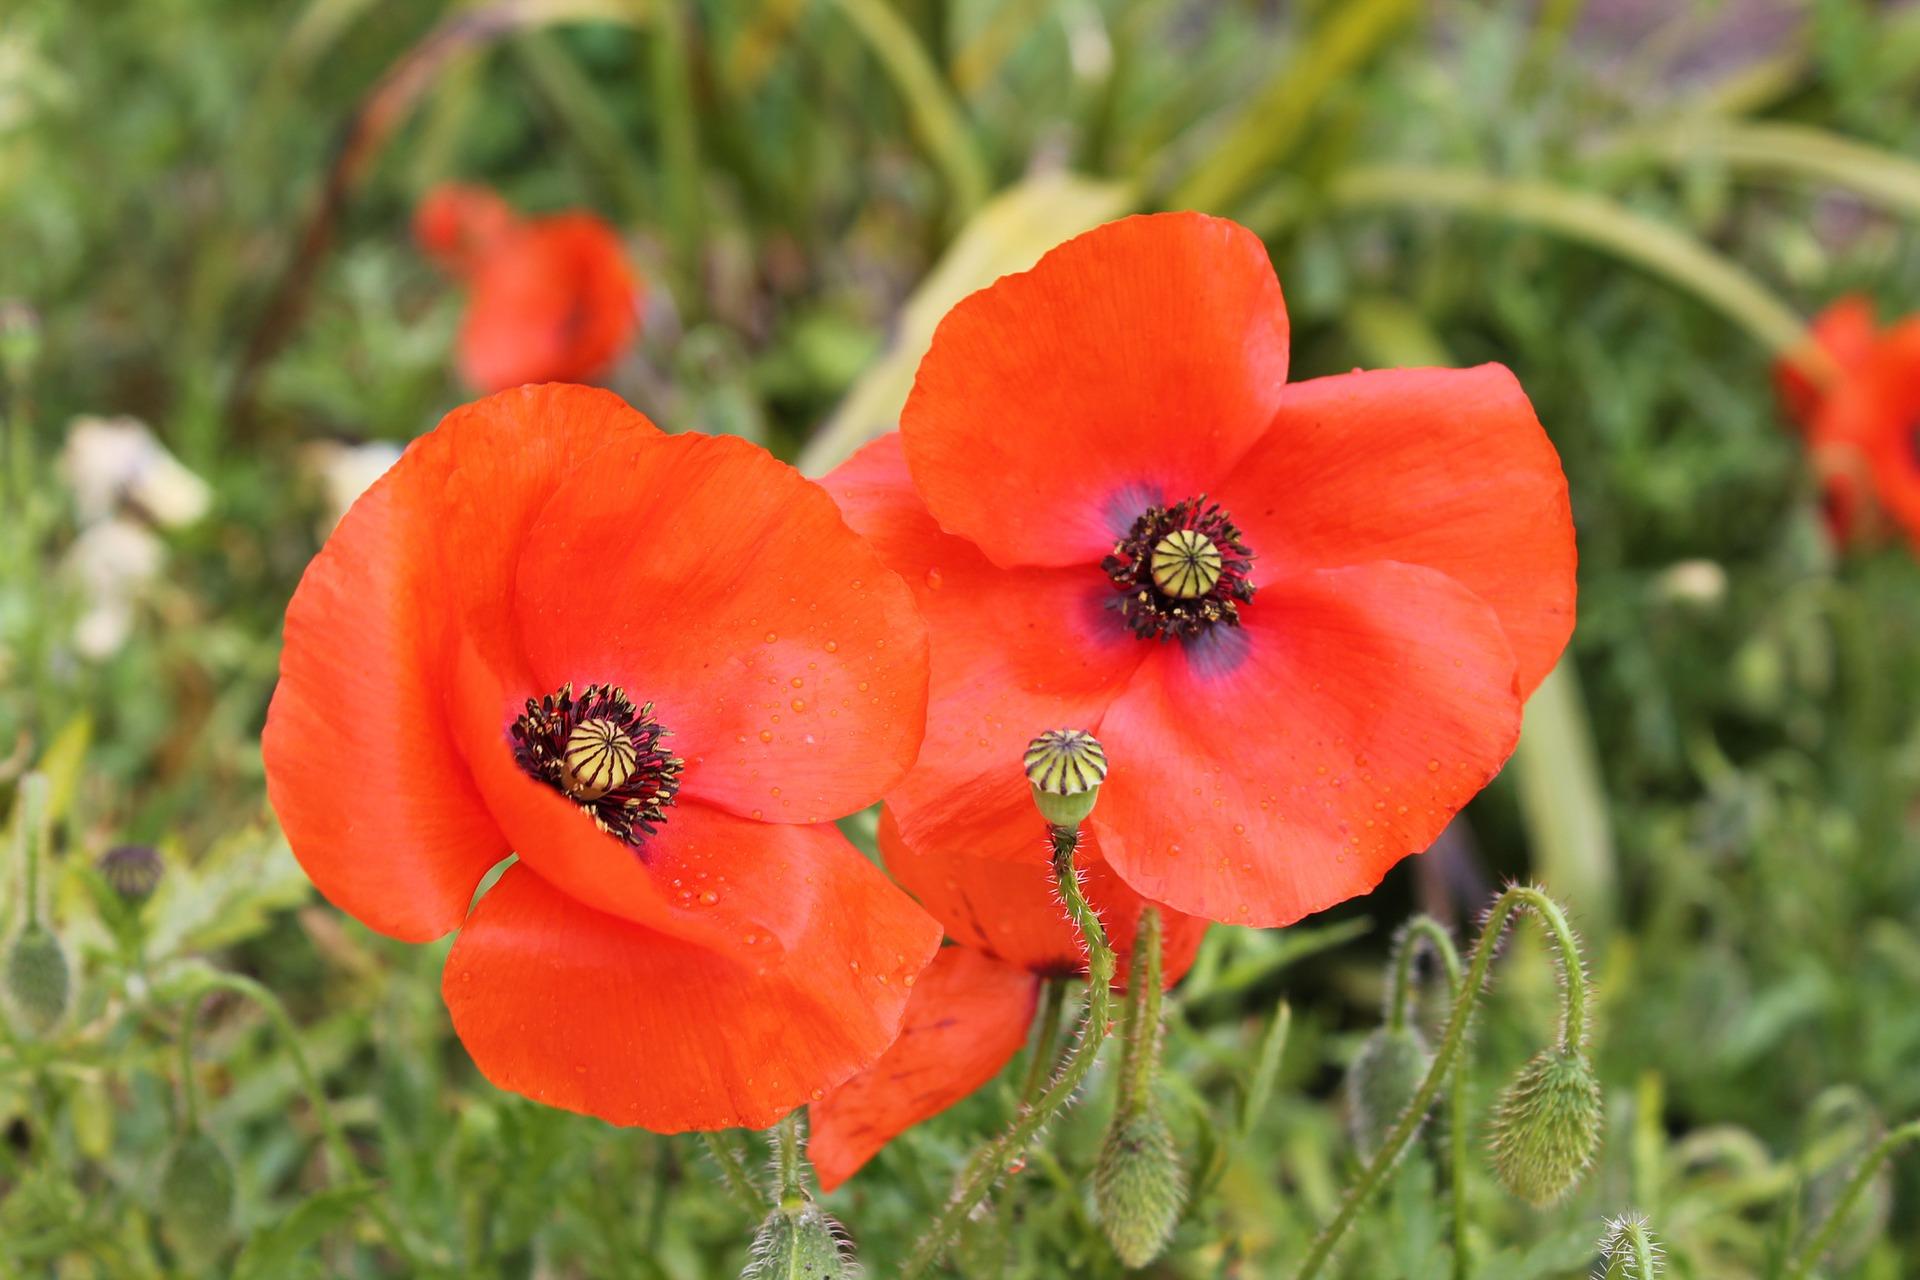 poppy-991326_1920_1920.jpg